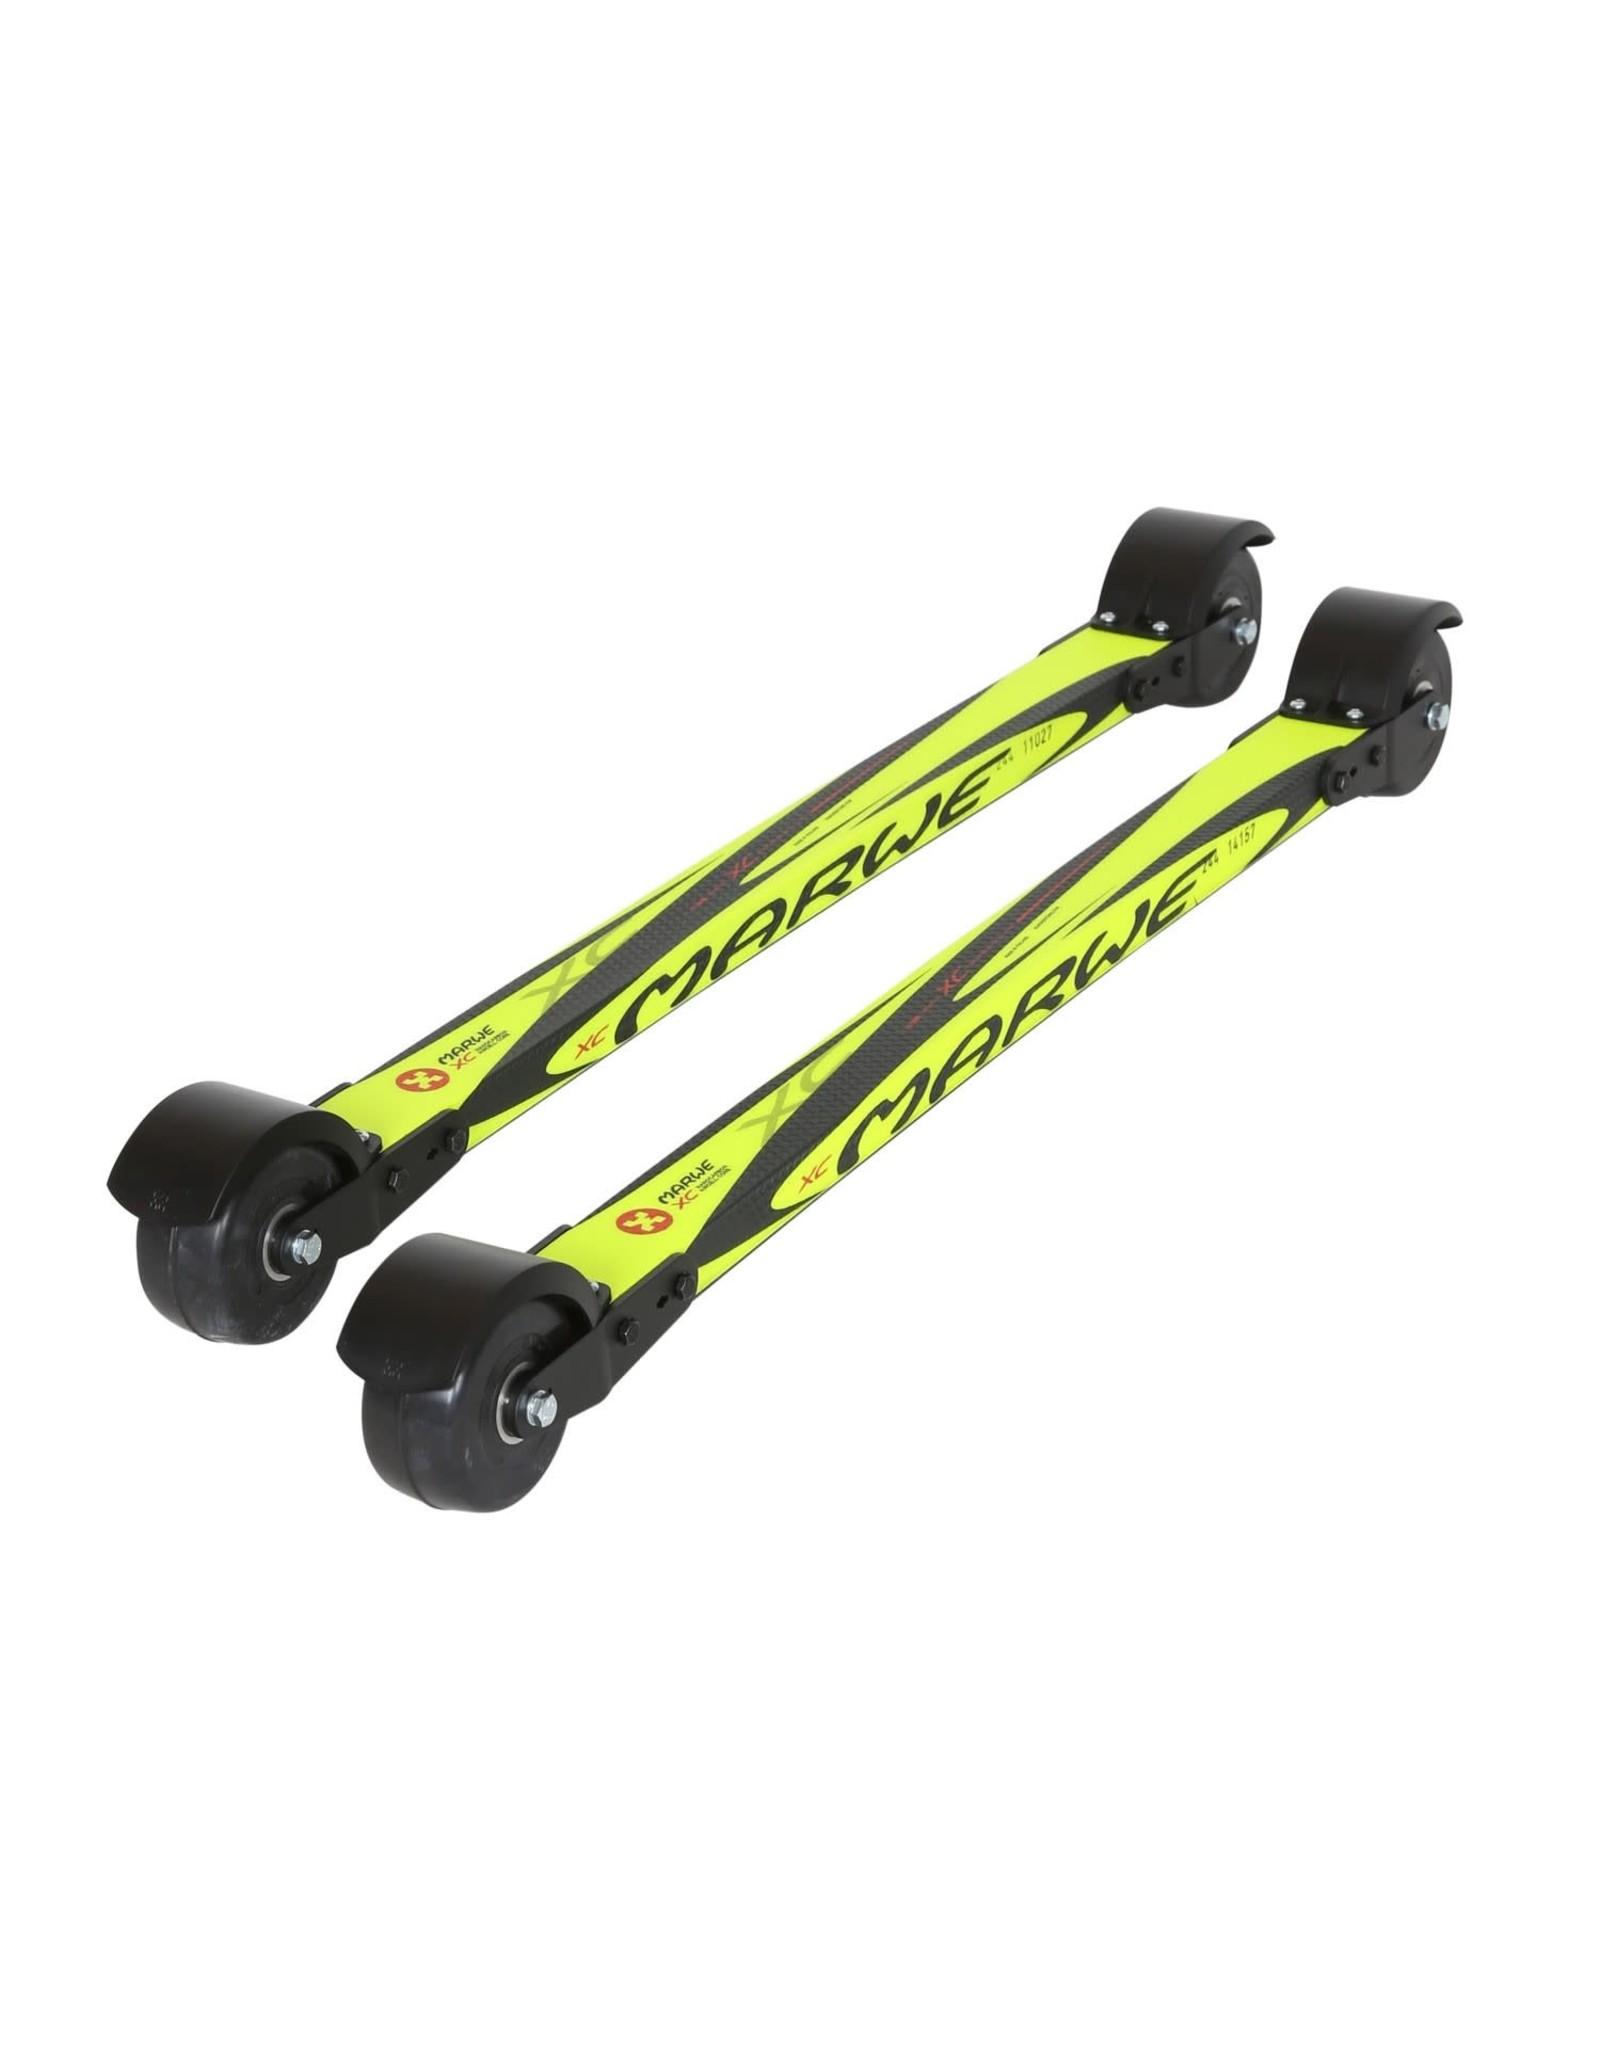 Marwe Marwe 700XC Classic Roller ski